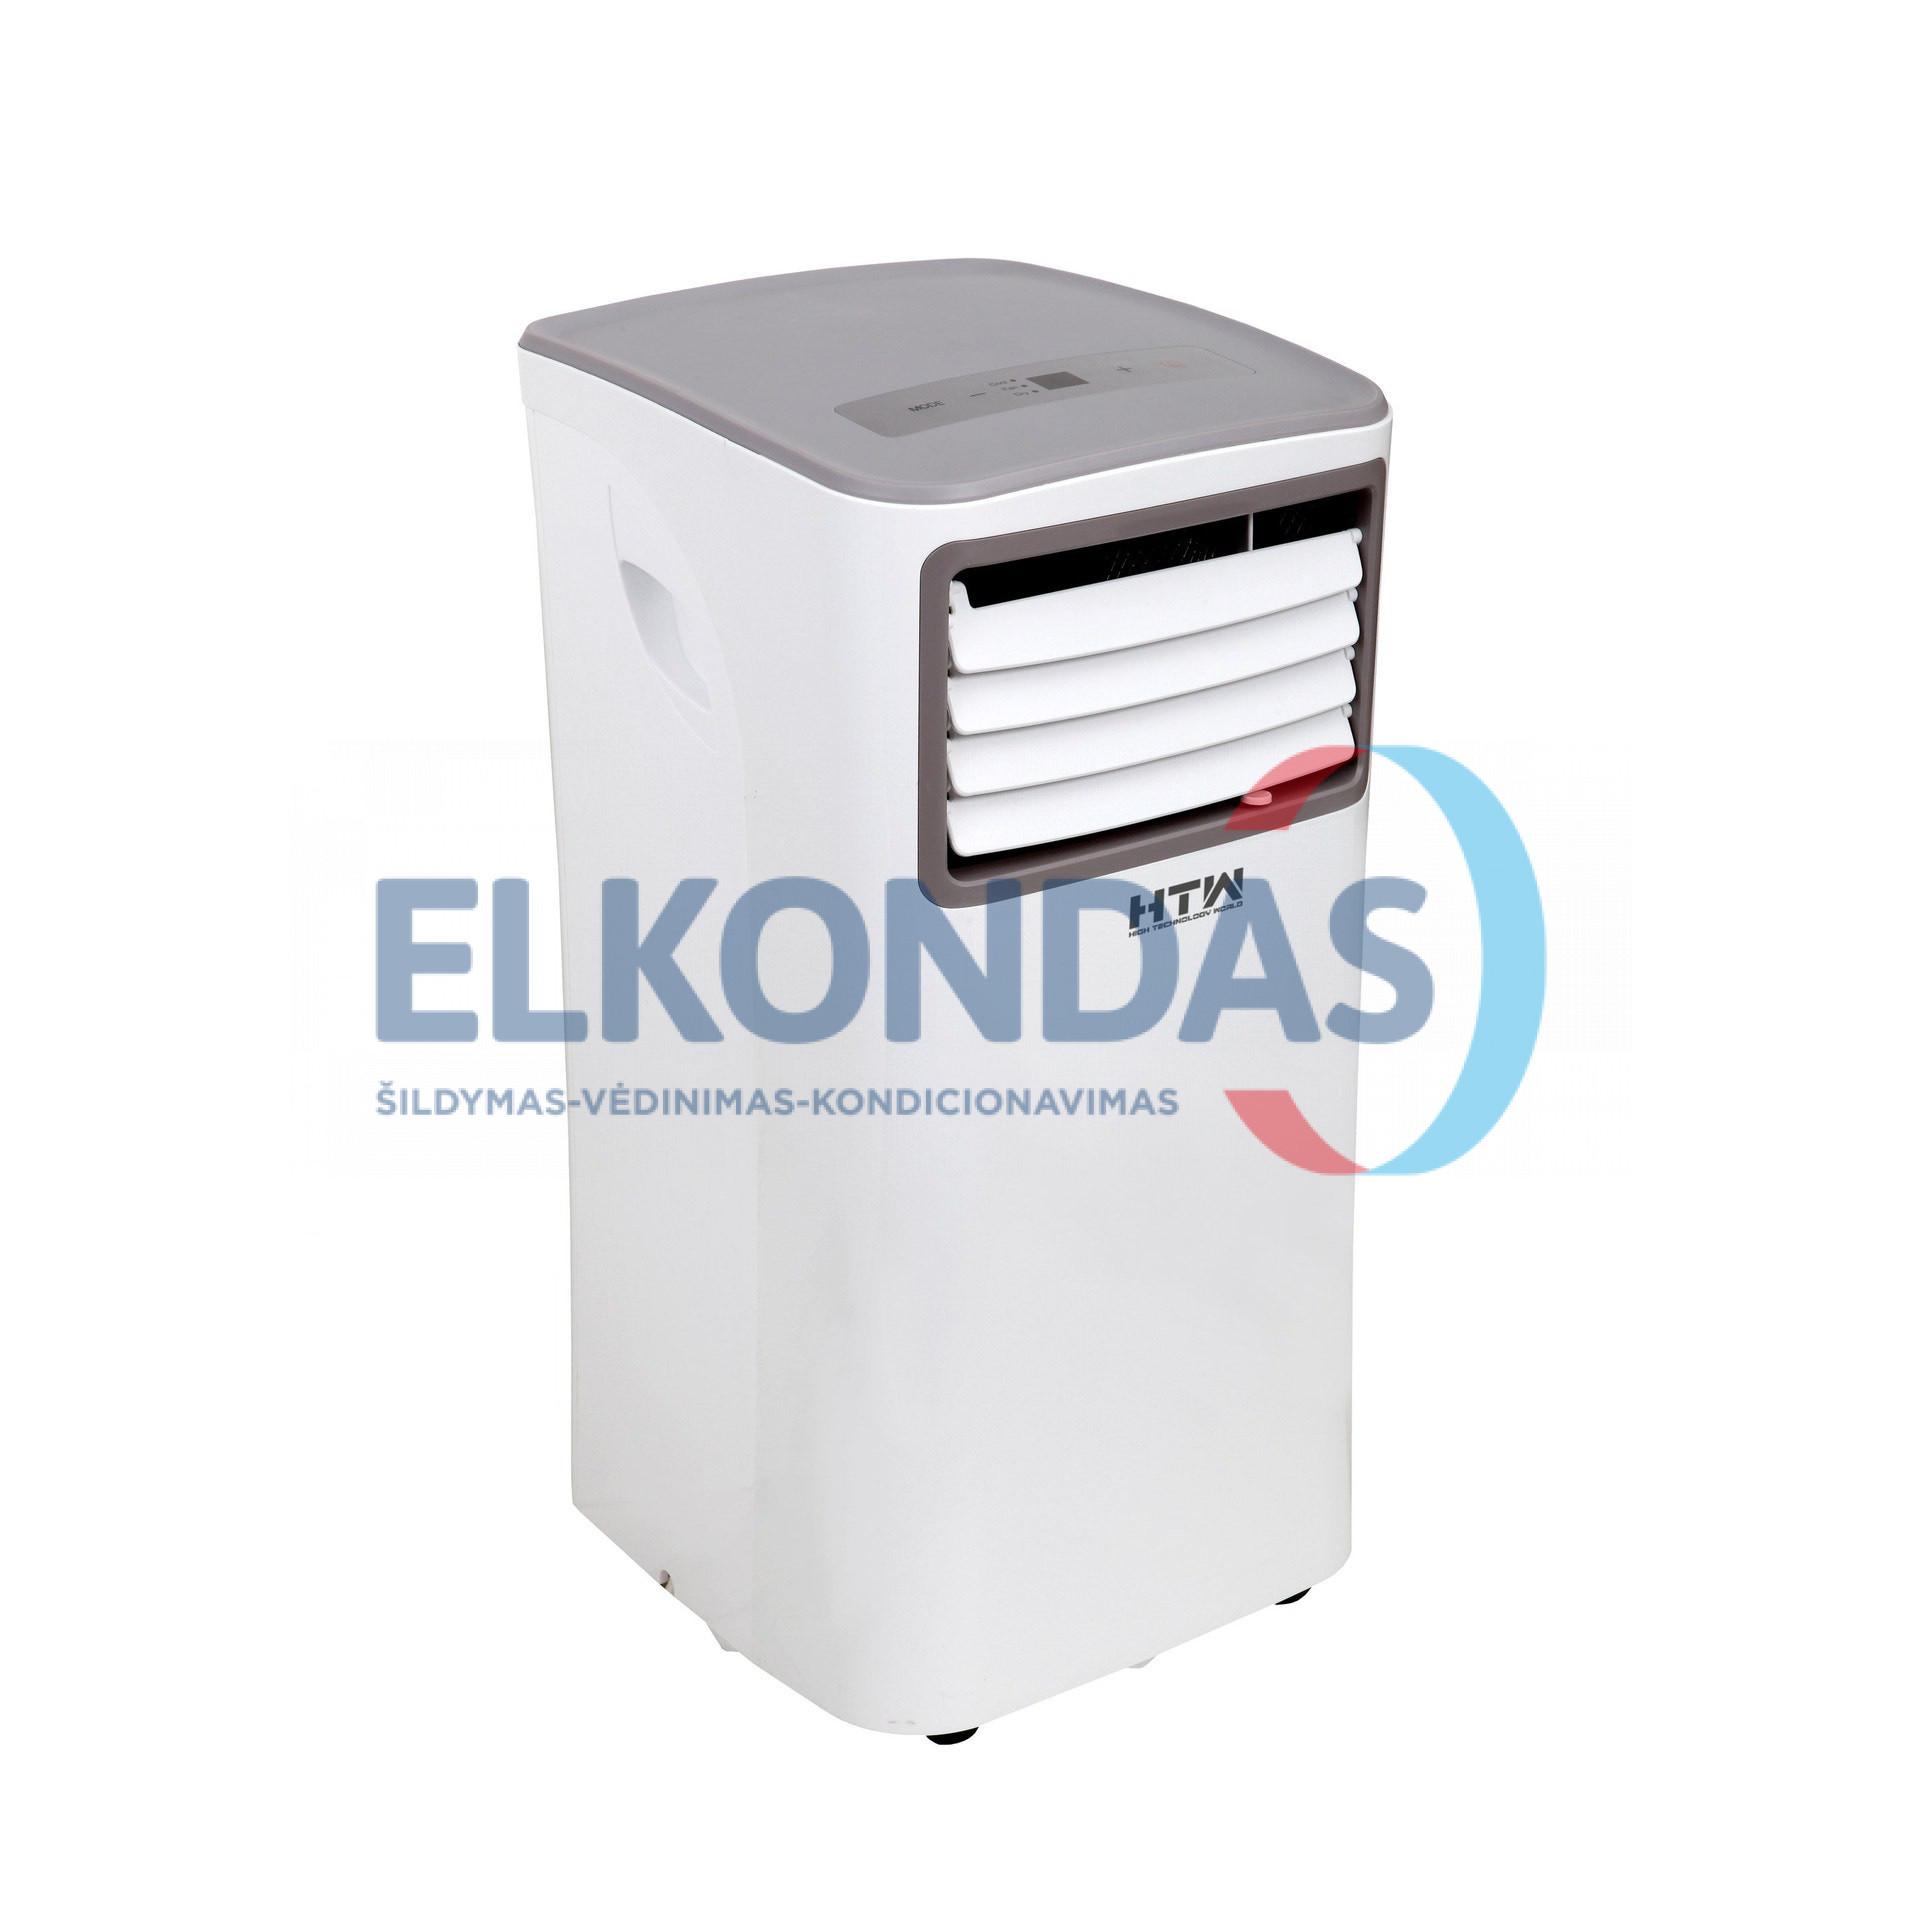 HTW mobilus oro kondicionierius HTW-PC-026P26 VĖSINIMUI